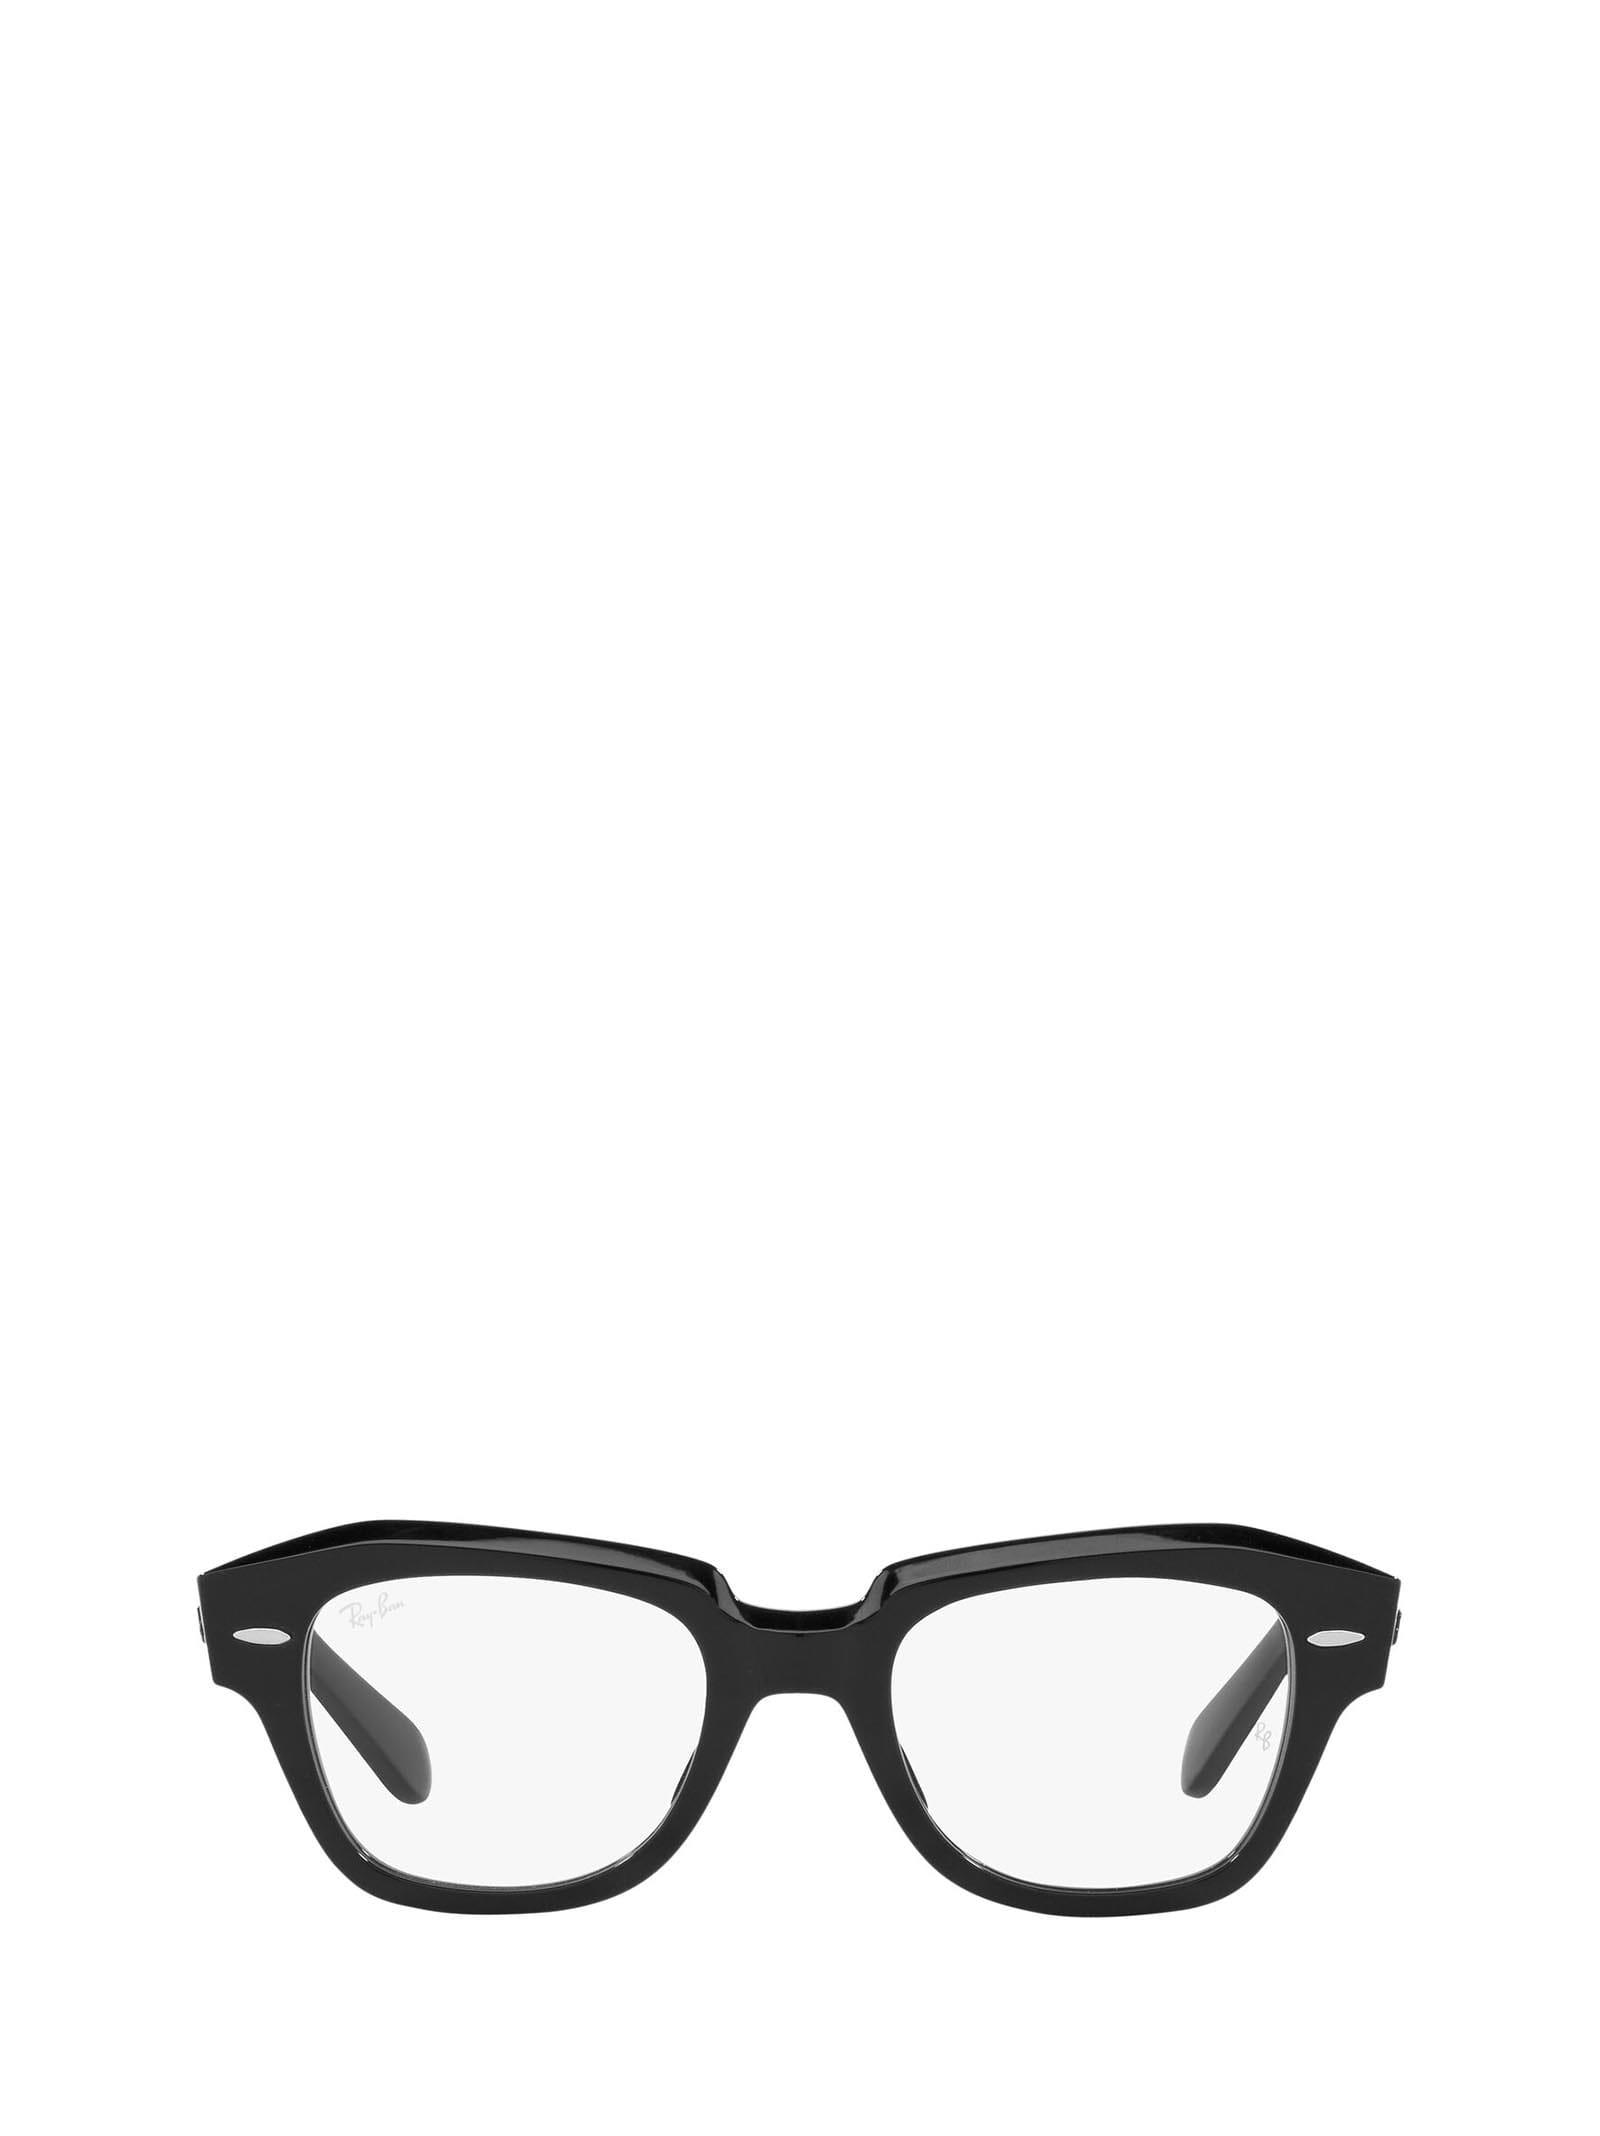 Ray-Ban Ray-ban Rx5486 Black Glasses